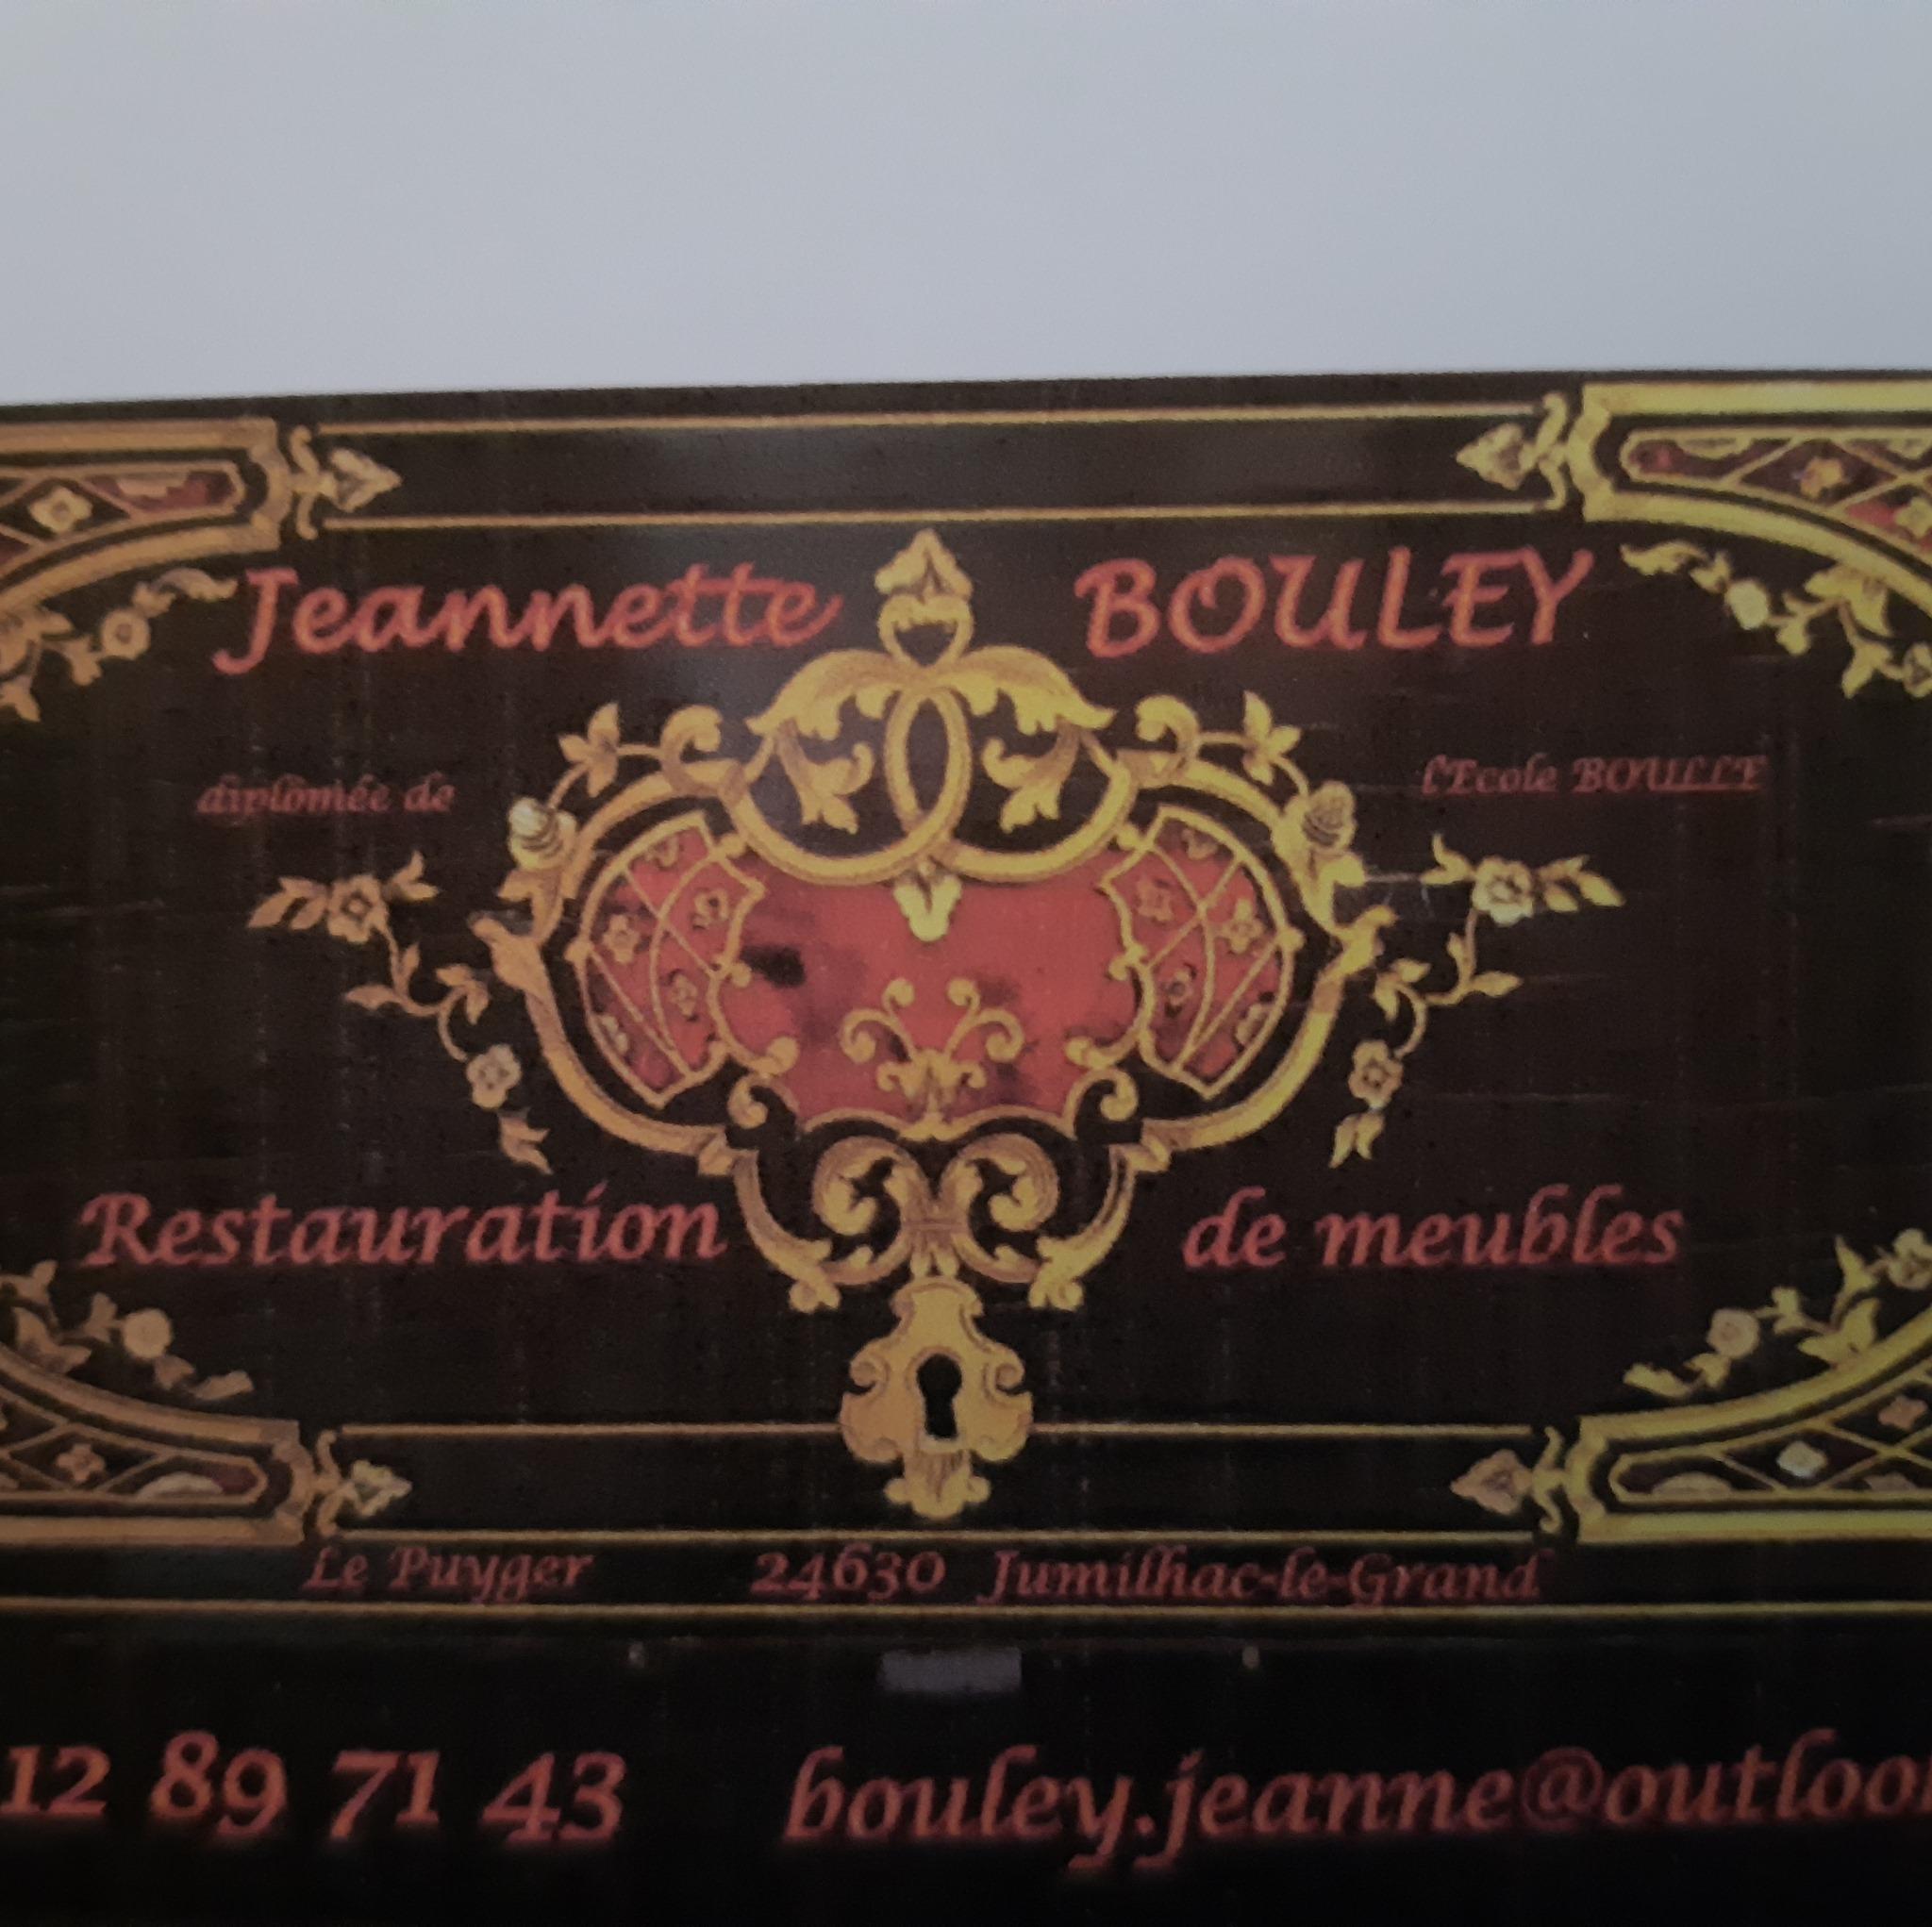 BouleyJeannette.jpg